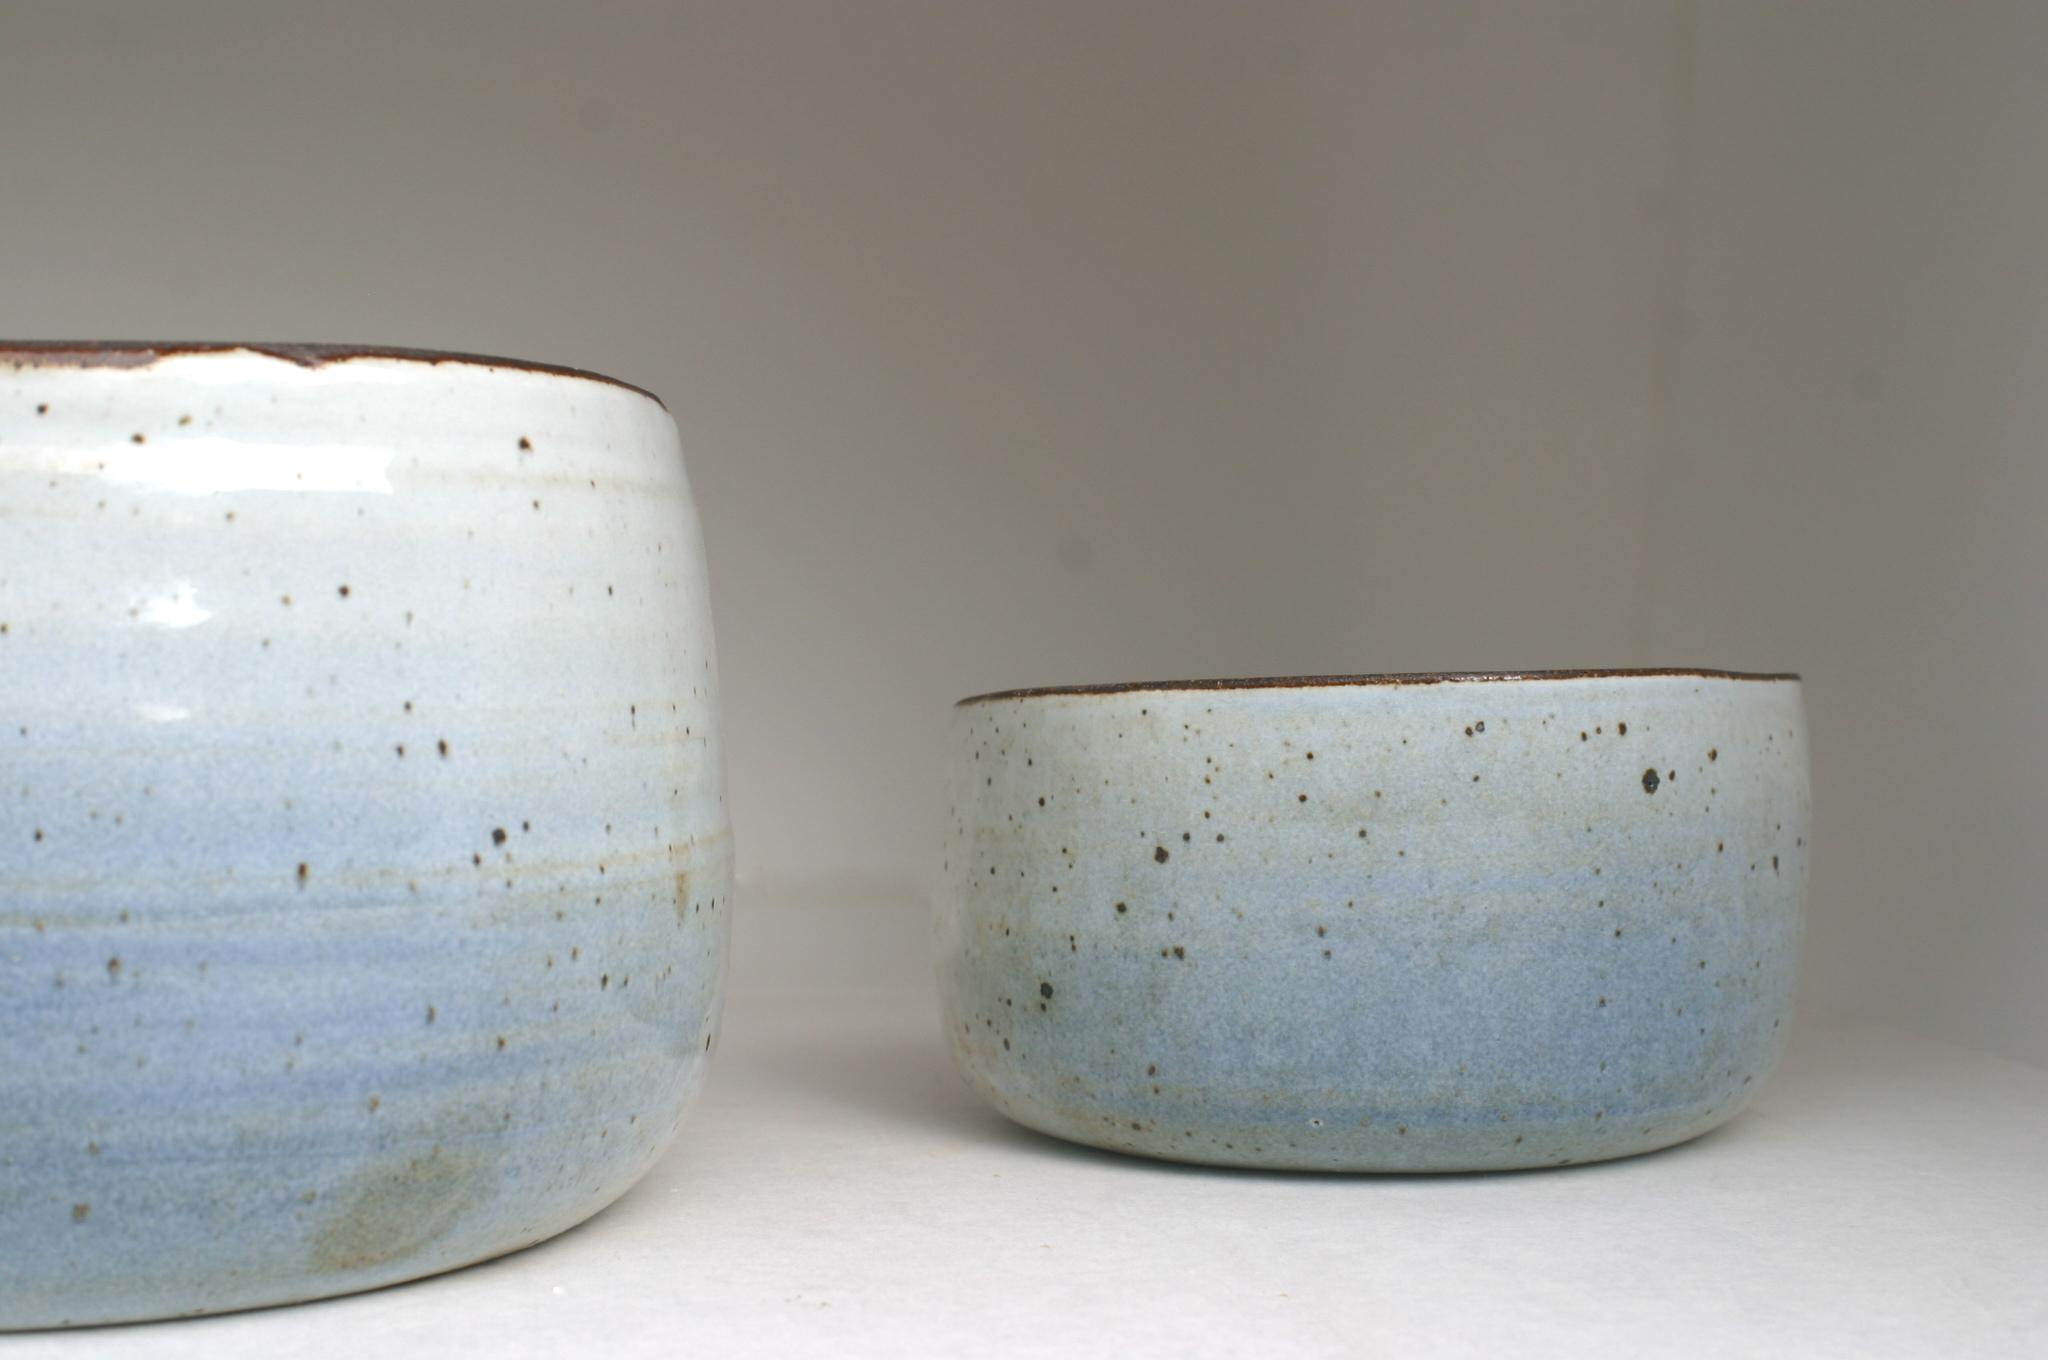 airbrushed blue glaze